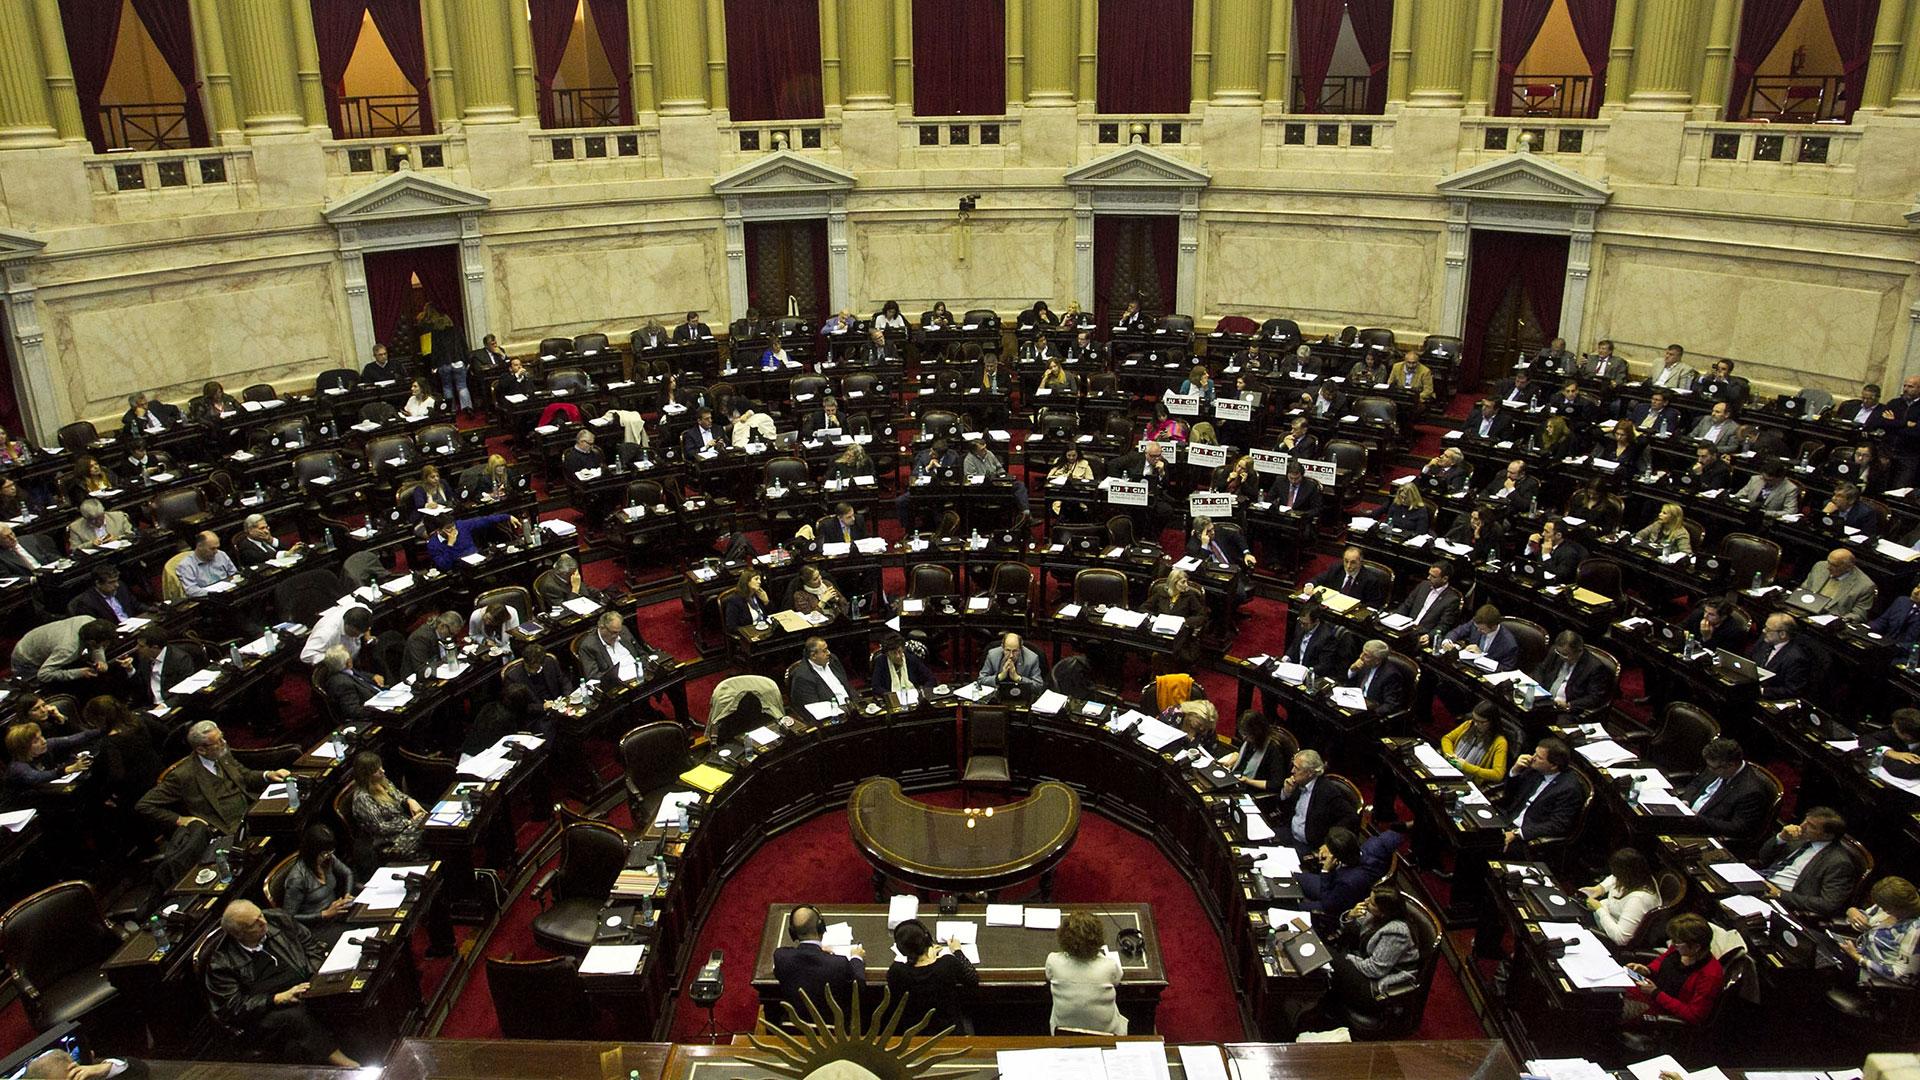 El peronismo prepara una renovación en el Congreso (DyN)